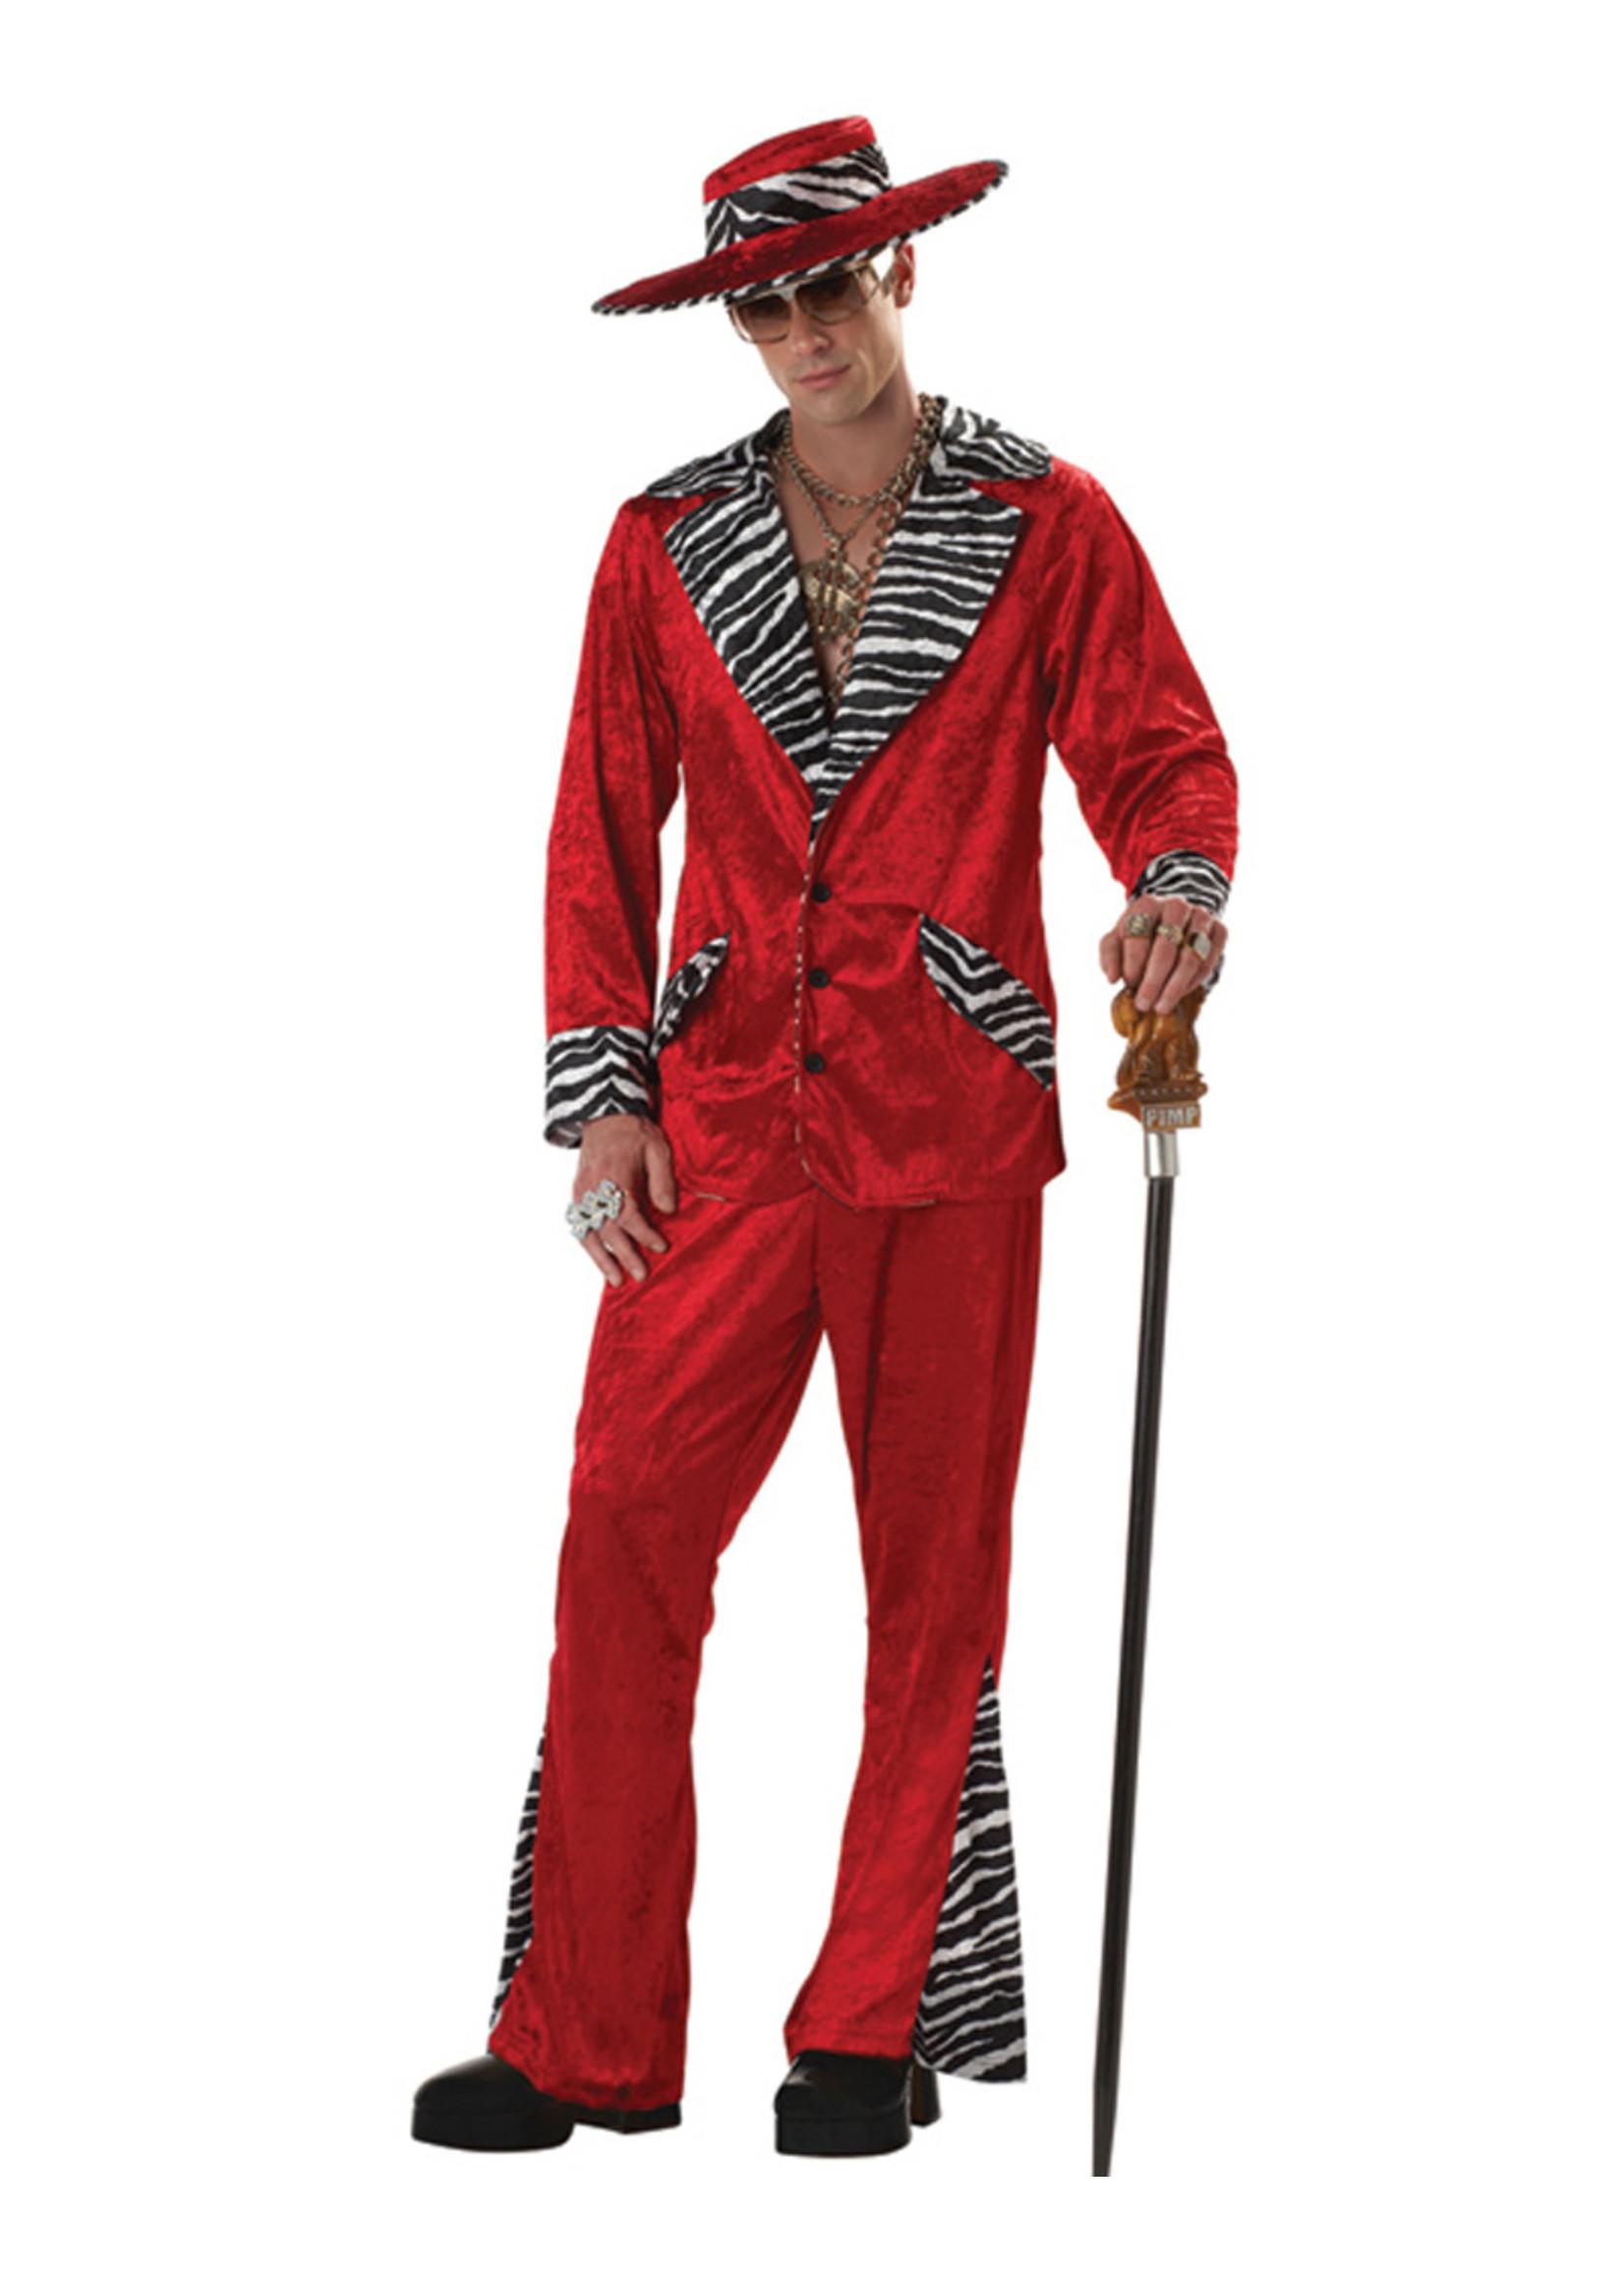 Pimp - Red Costume - Men's